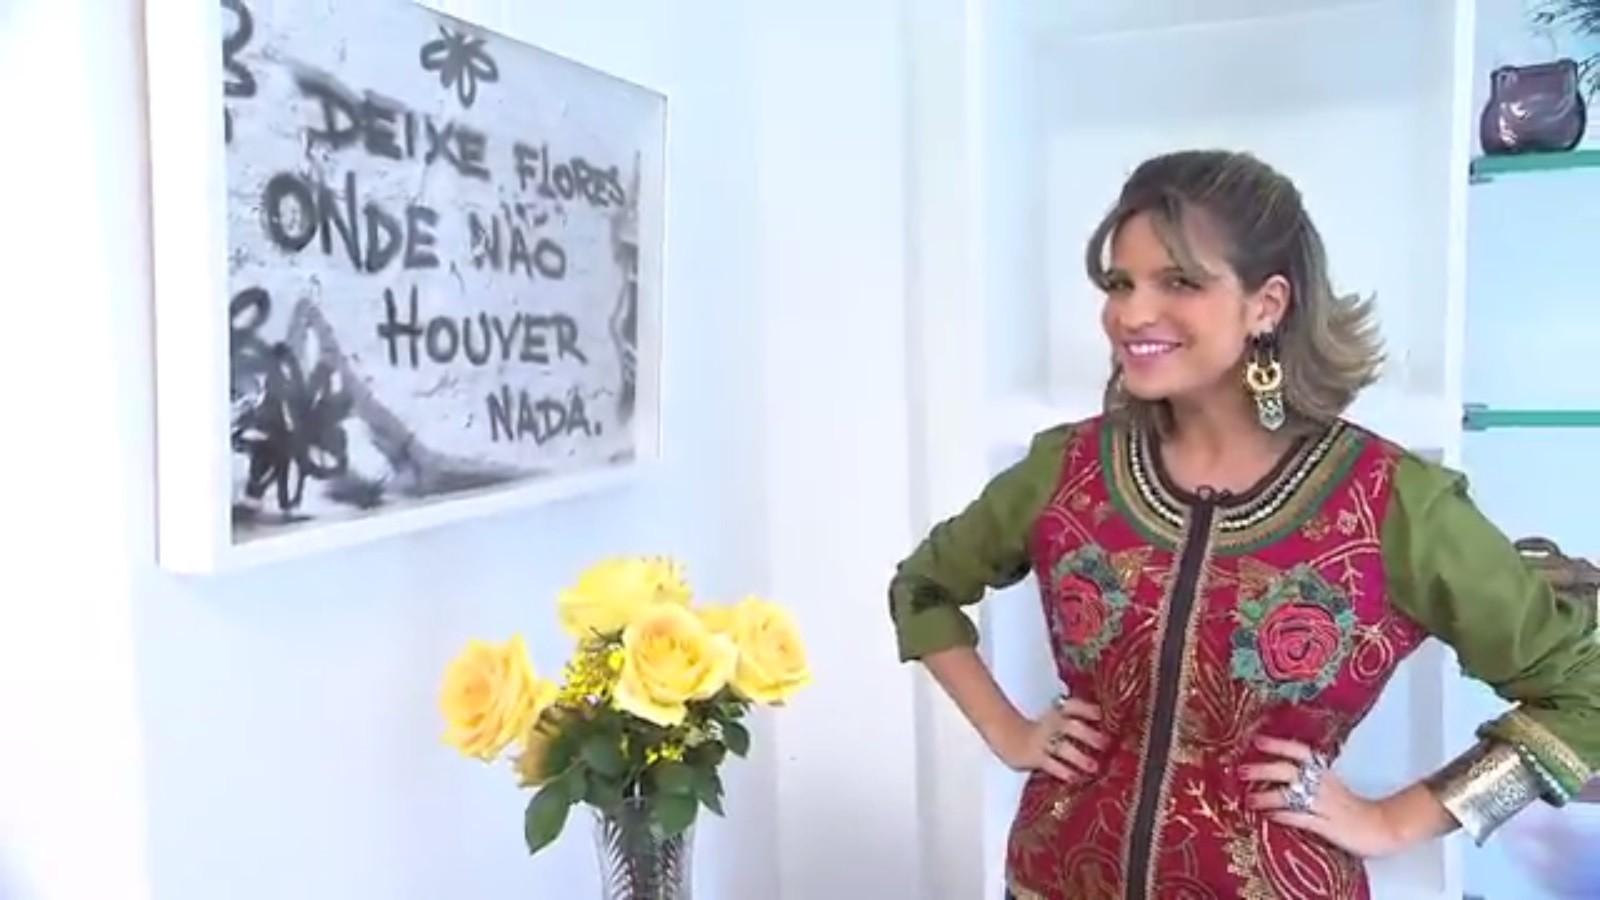 """Paula Magalhães posa ao lado do quadro """"Deixe flores onde não houver nada"""" (Foto: Divulgação)"""